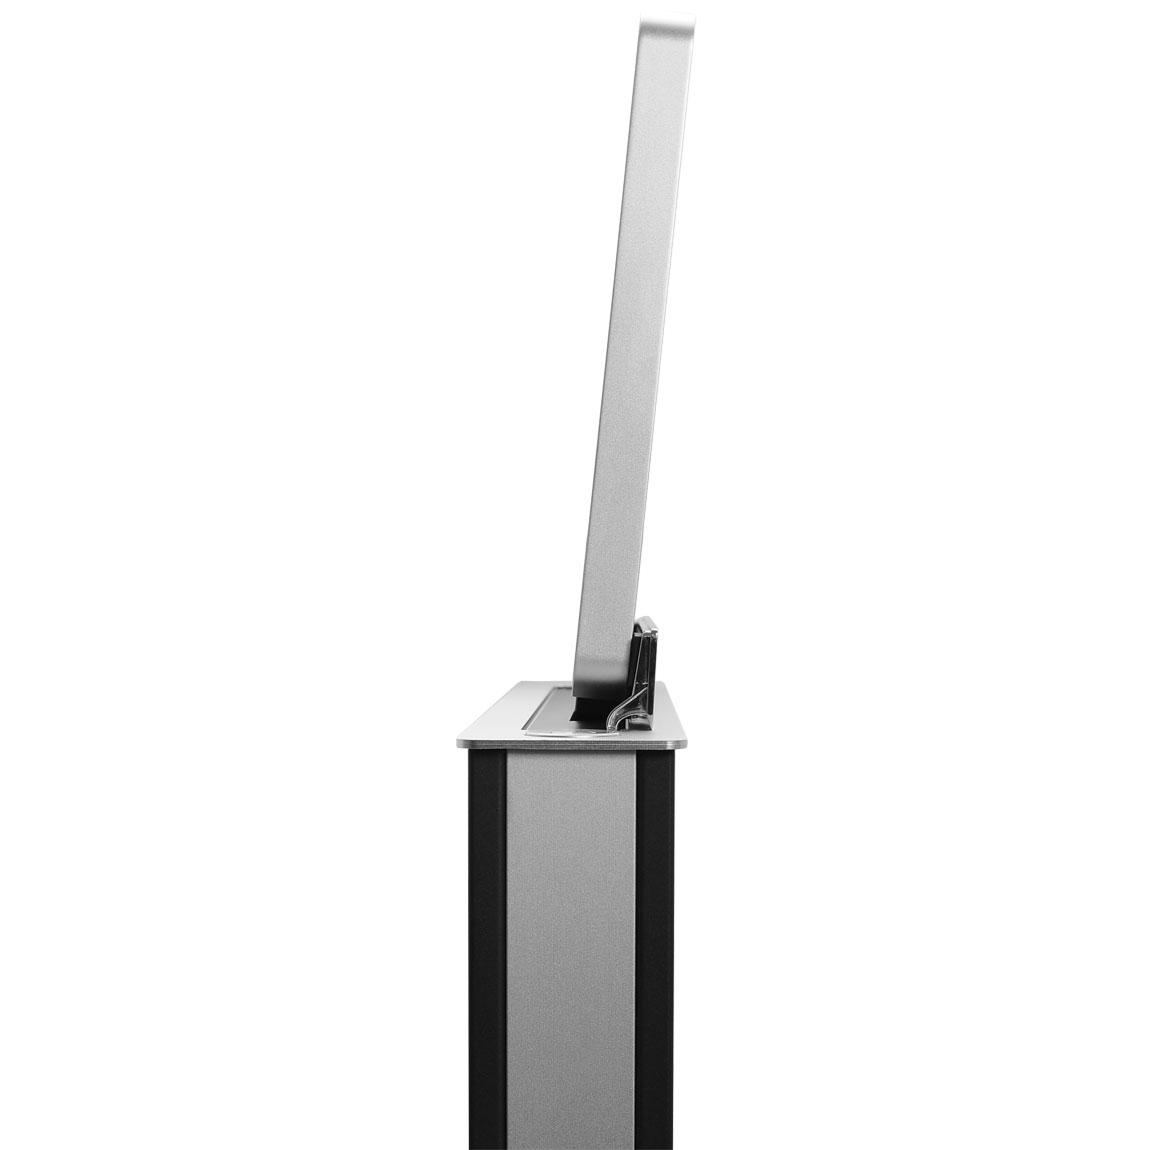 Qtex LDA-1910-M - Моторизированный лифт в сборе с 19'' ЖК-монитором 16:9